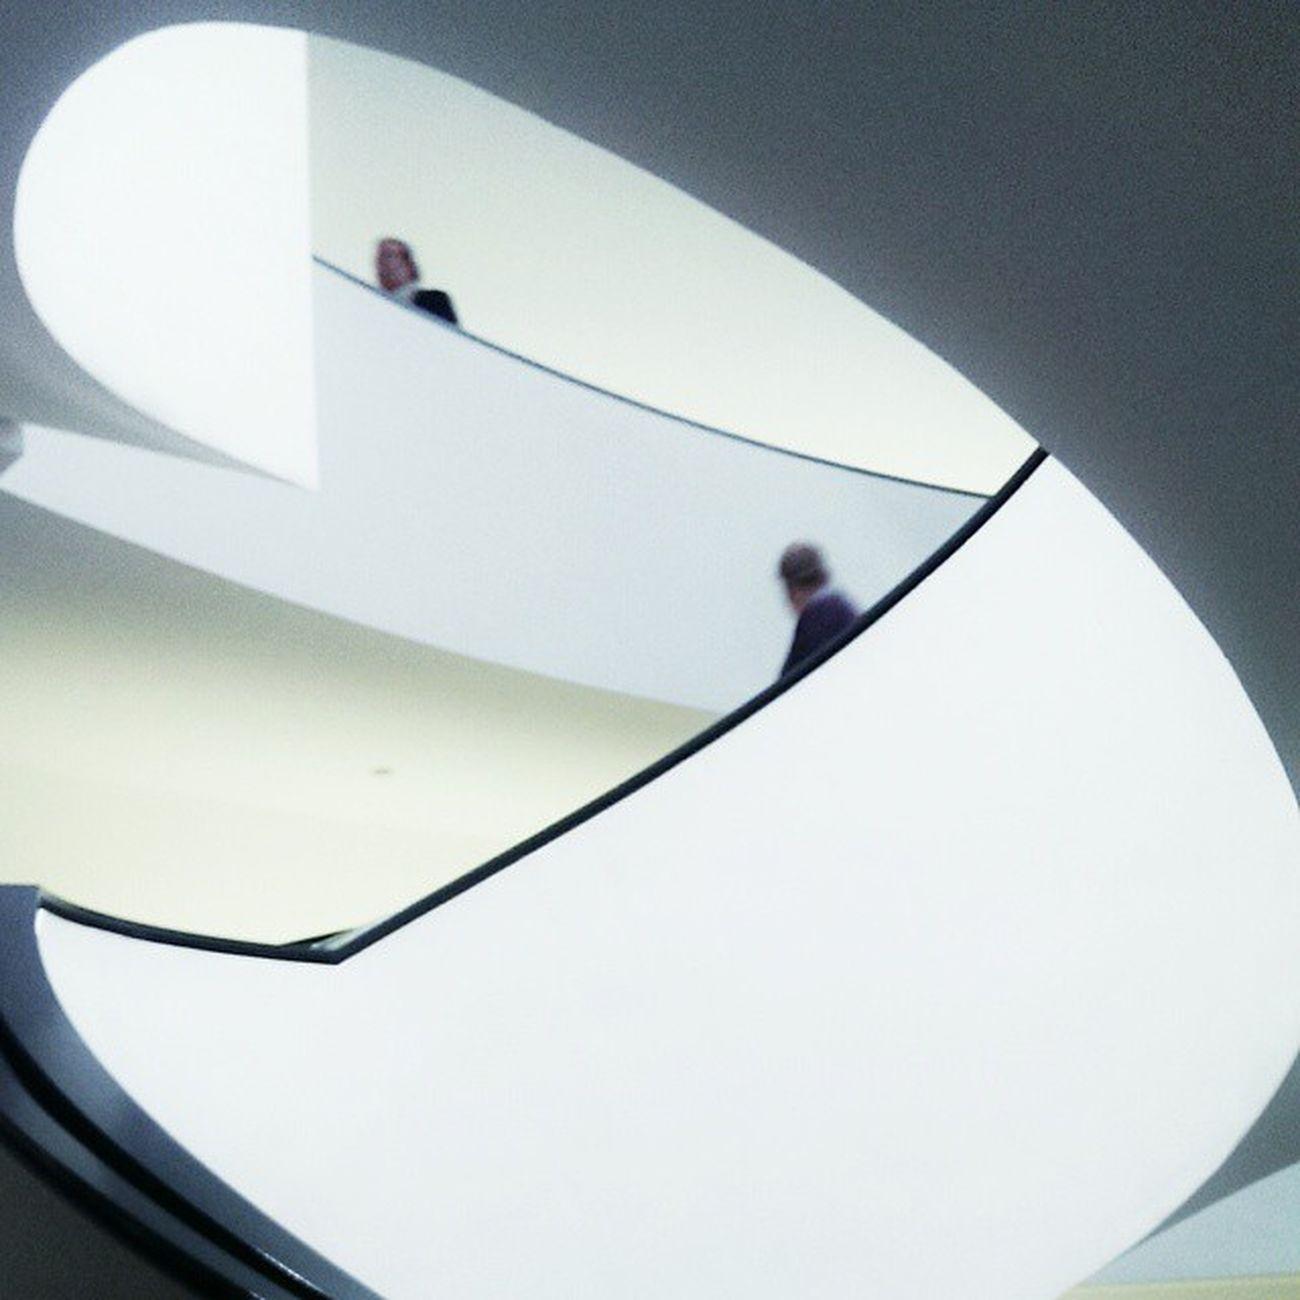 Neuesmuseum Nürnberg Gloomgrabber Urbanromantix Mobileartistry Beststreets Tv_strideby Peoplewalkingpastwalls Streetdreamsmag Wearegrryo Busystranger Artwatchers_united Stairwalkers Urban_curves The Architect - 2016 EyeEm Awards